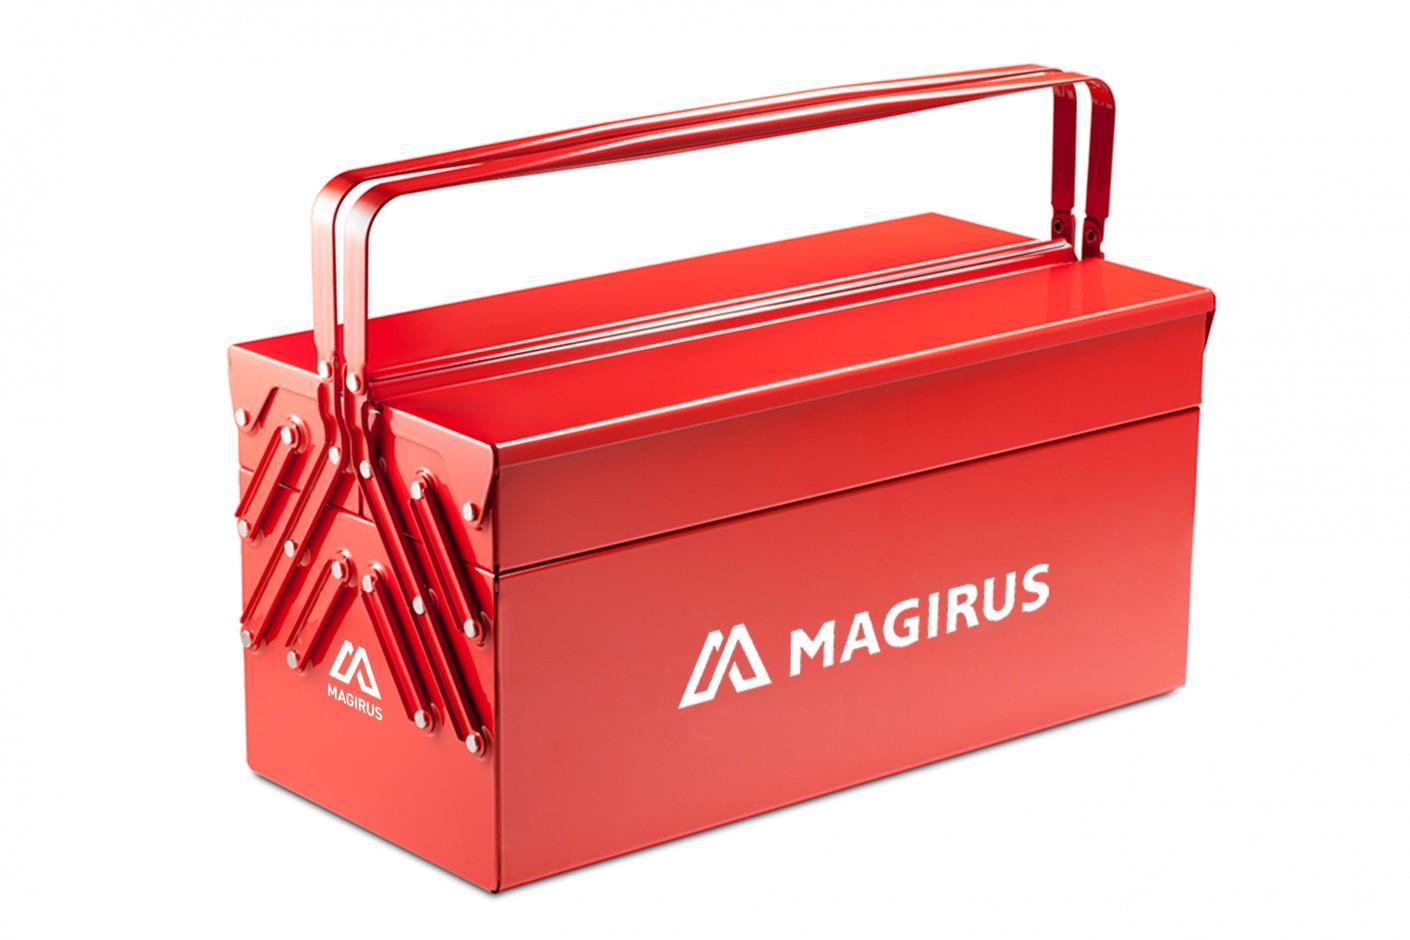 Magirus photo